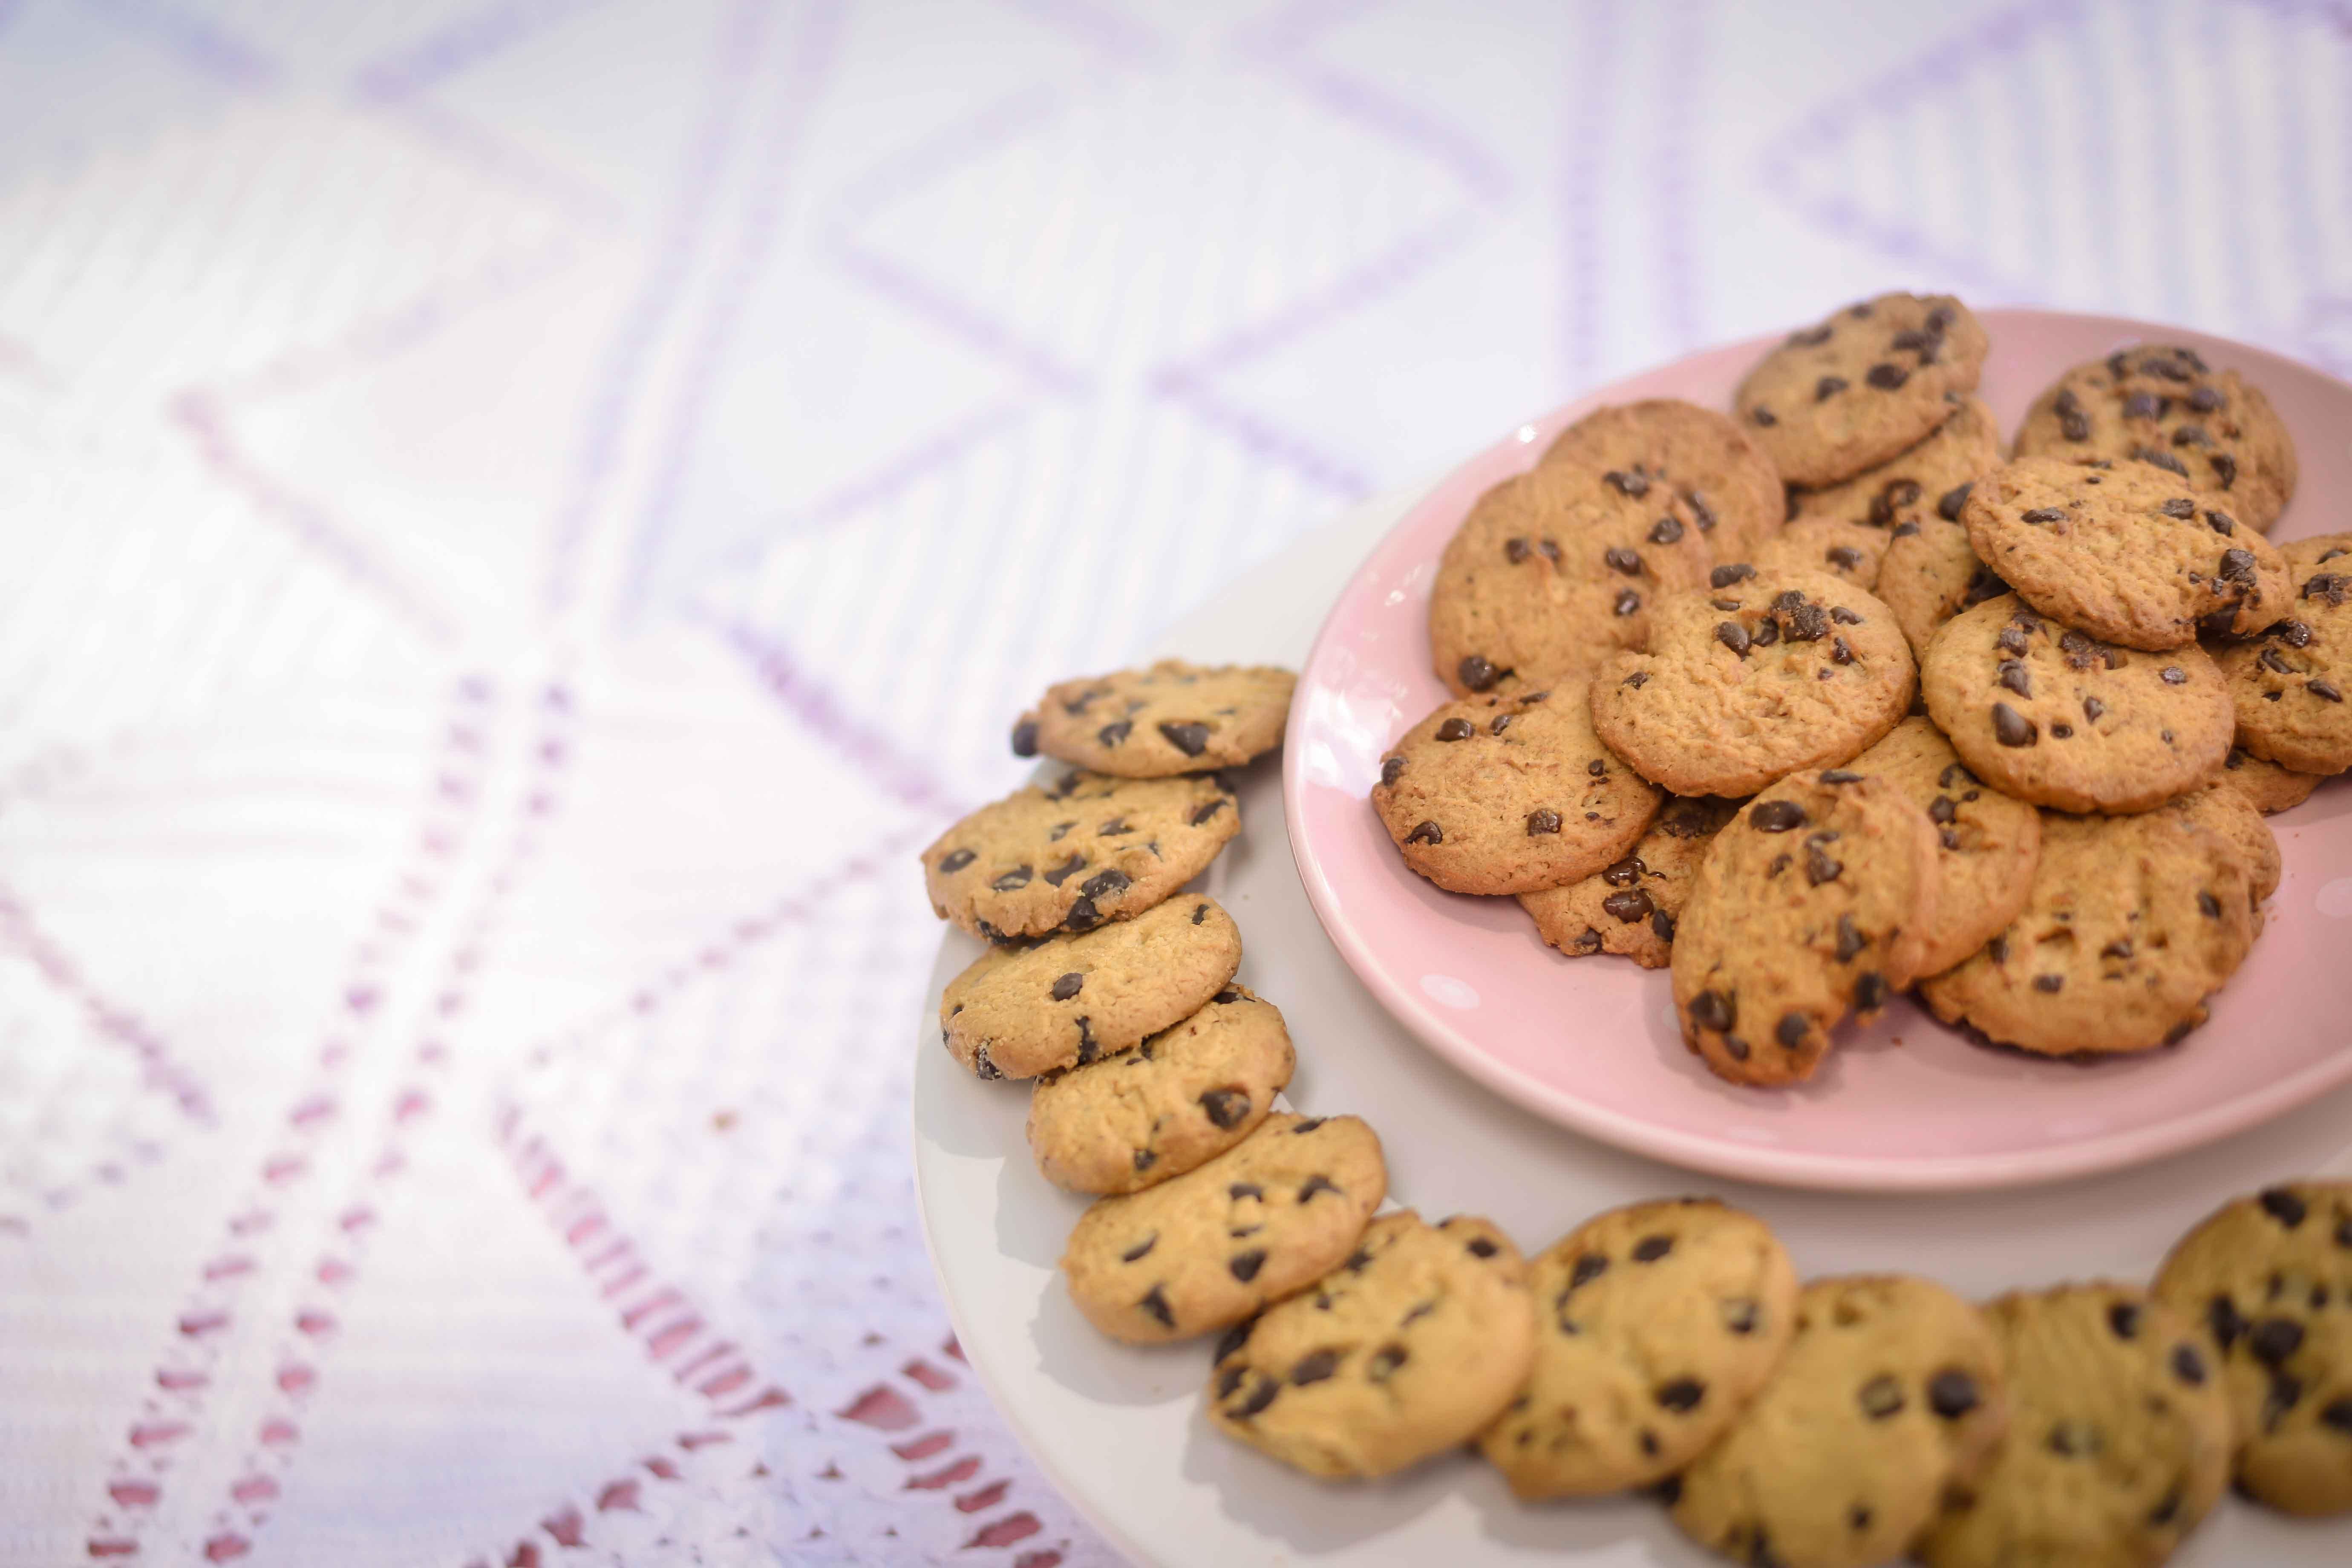 Cookies in Ceramic Plates